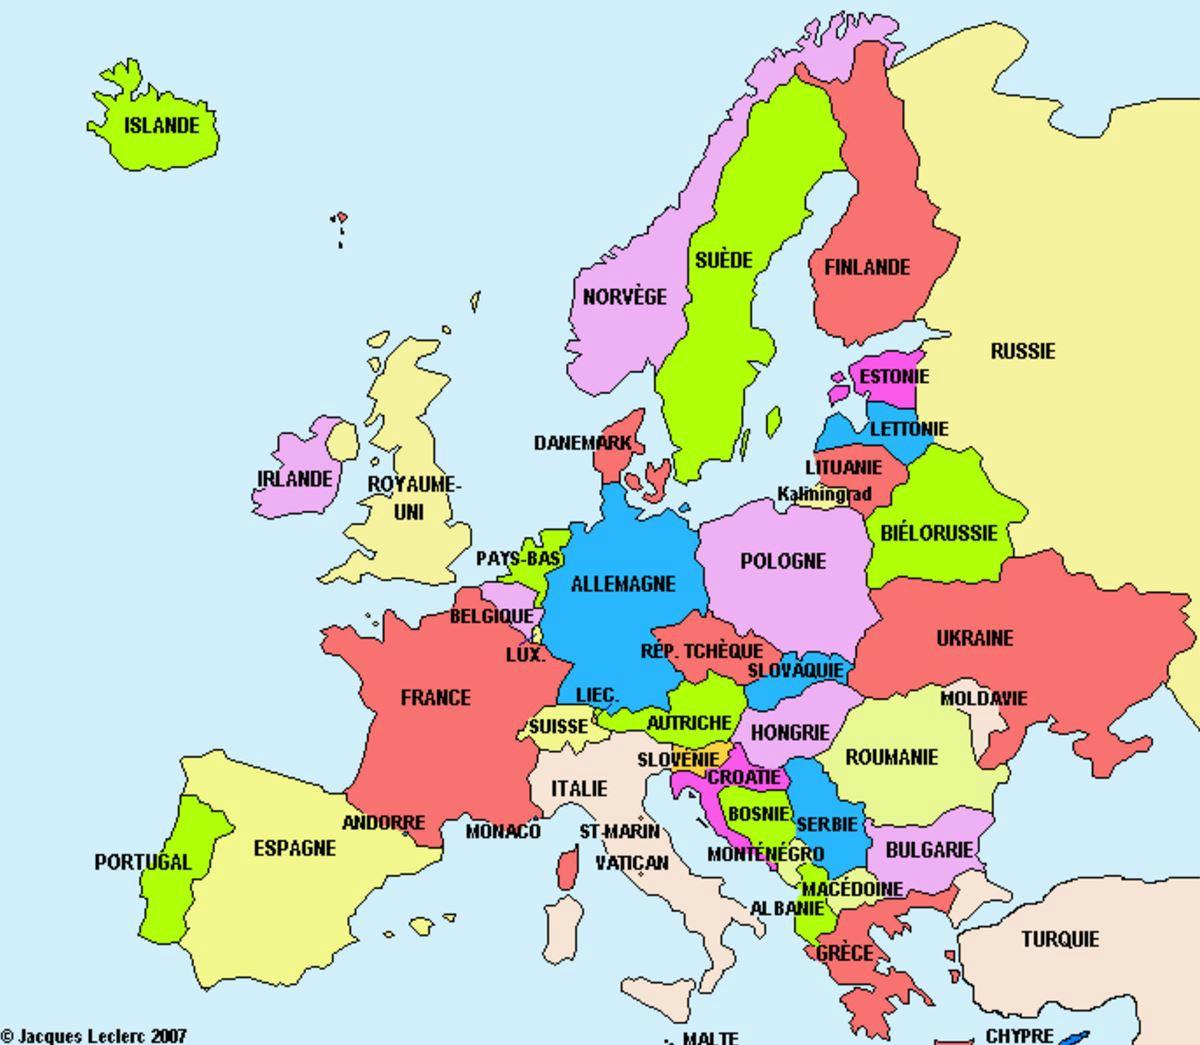 La Carte D'europe Et Ses Pays + Activités - Le Blog Du Cours dedans Carte De L Europe Avec Pays